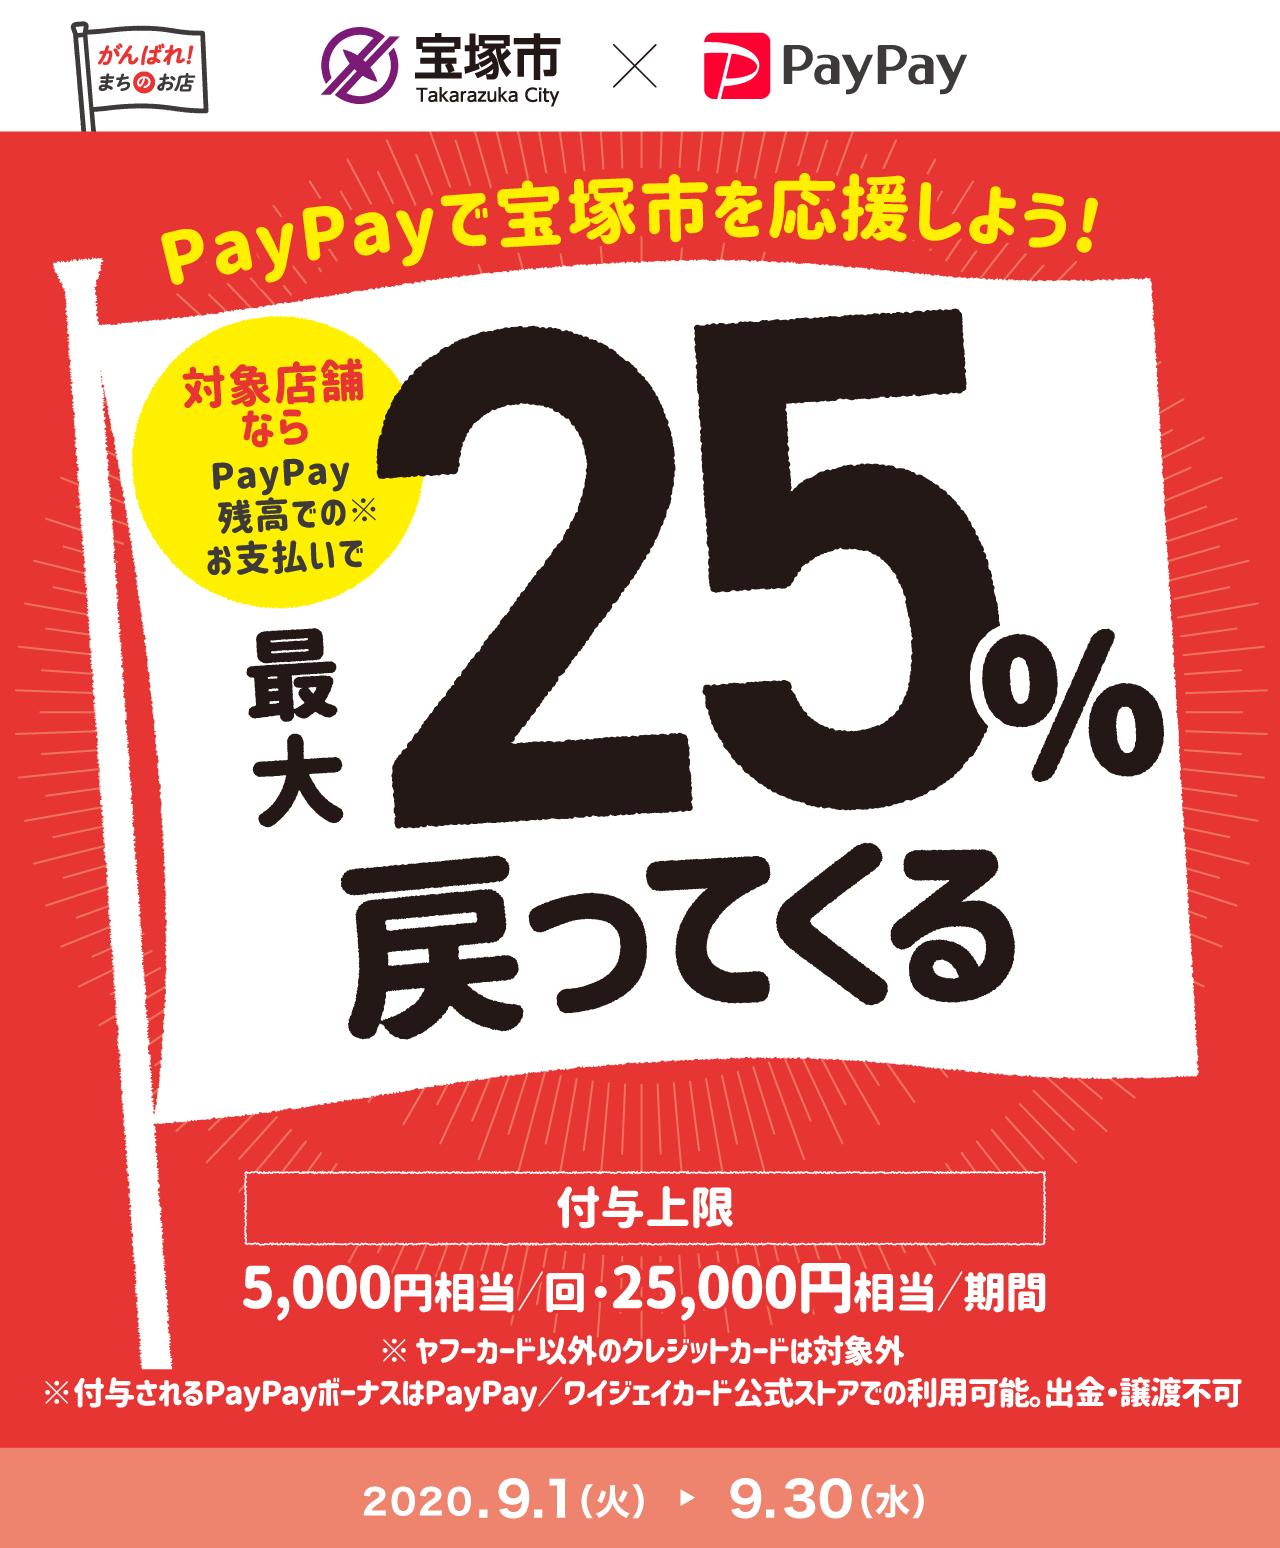 PayPayで宝塚市を応援しよう! 対象店舗ならPayPay残高でのお支払いで最大25%戻ってくる